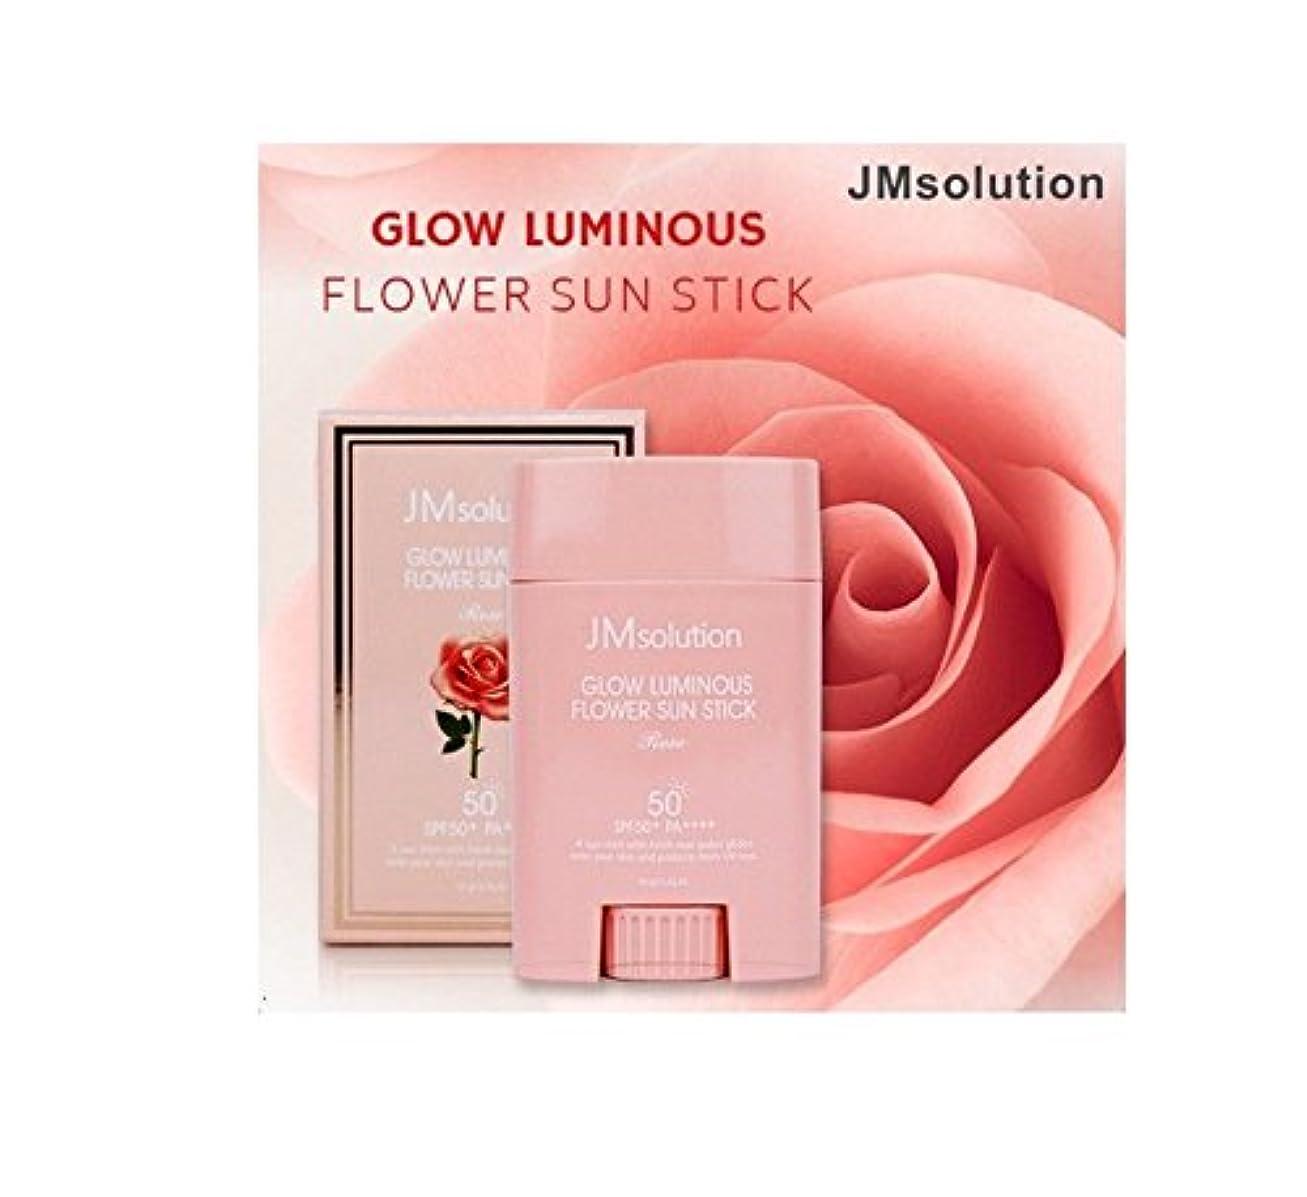 支配的現実的ペーストJM Solution Glow Luminous Flower Sun Stick Rose 21g (spf50 PA) 光る輝く花Sun Stick Rose